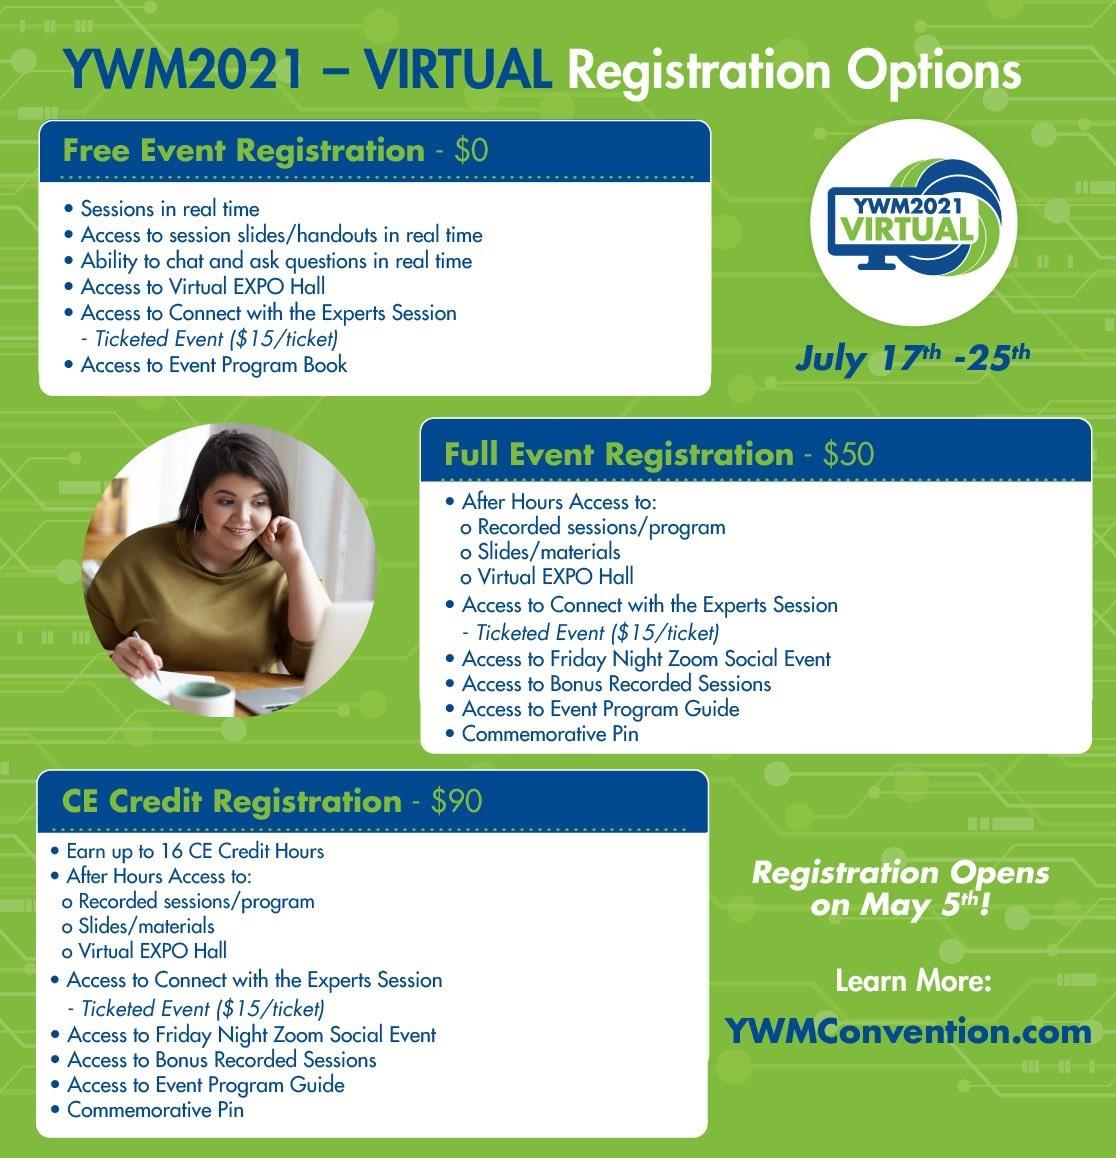 YWM2021 Registration Options